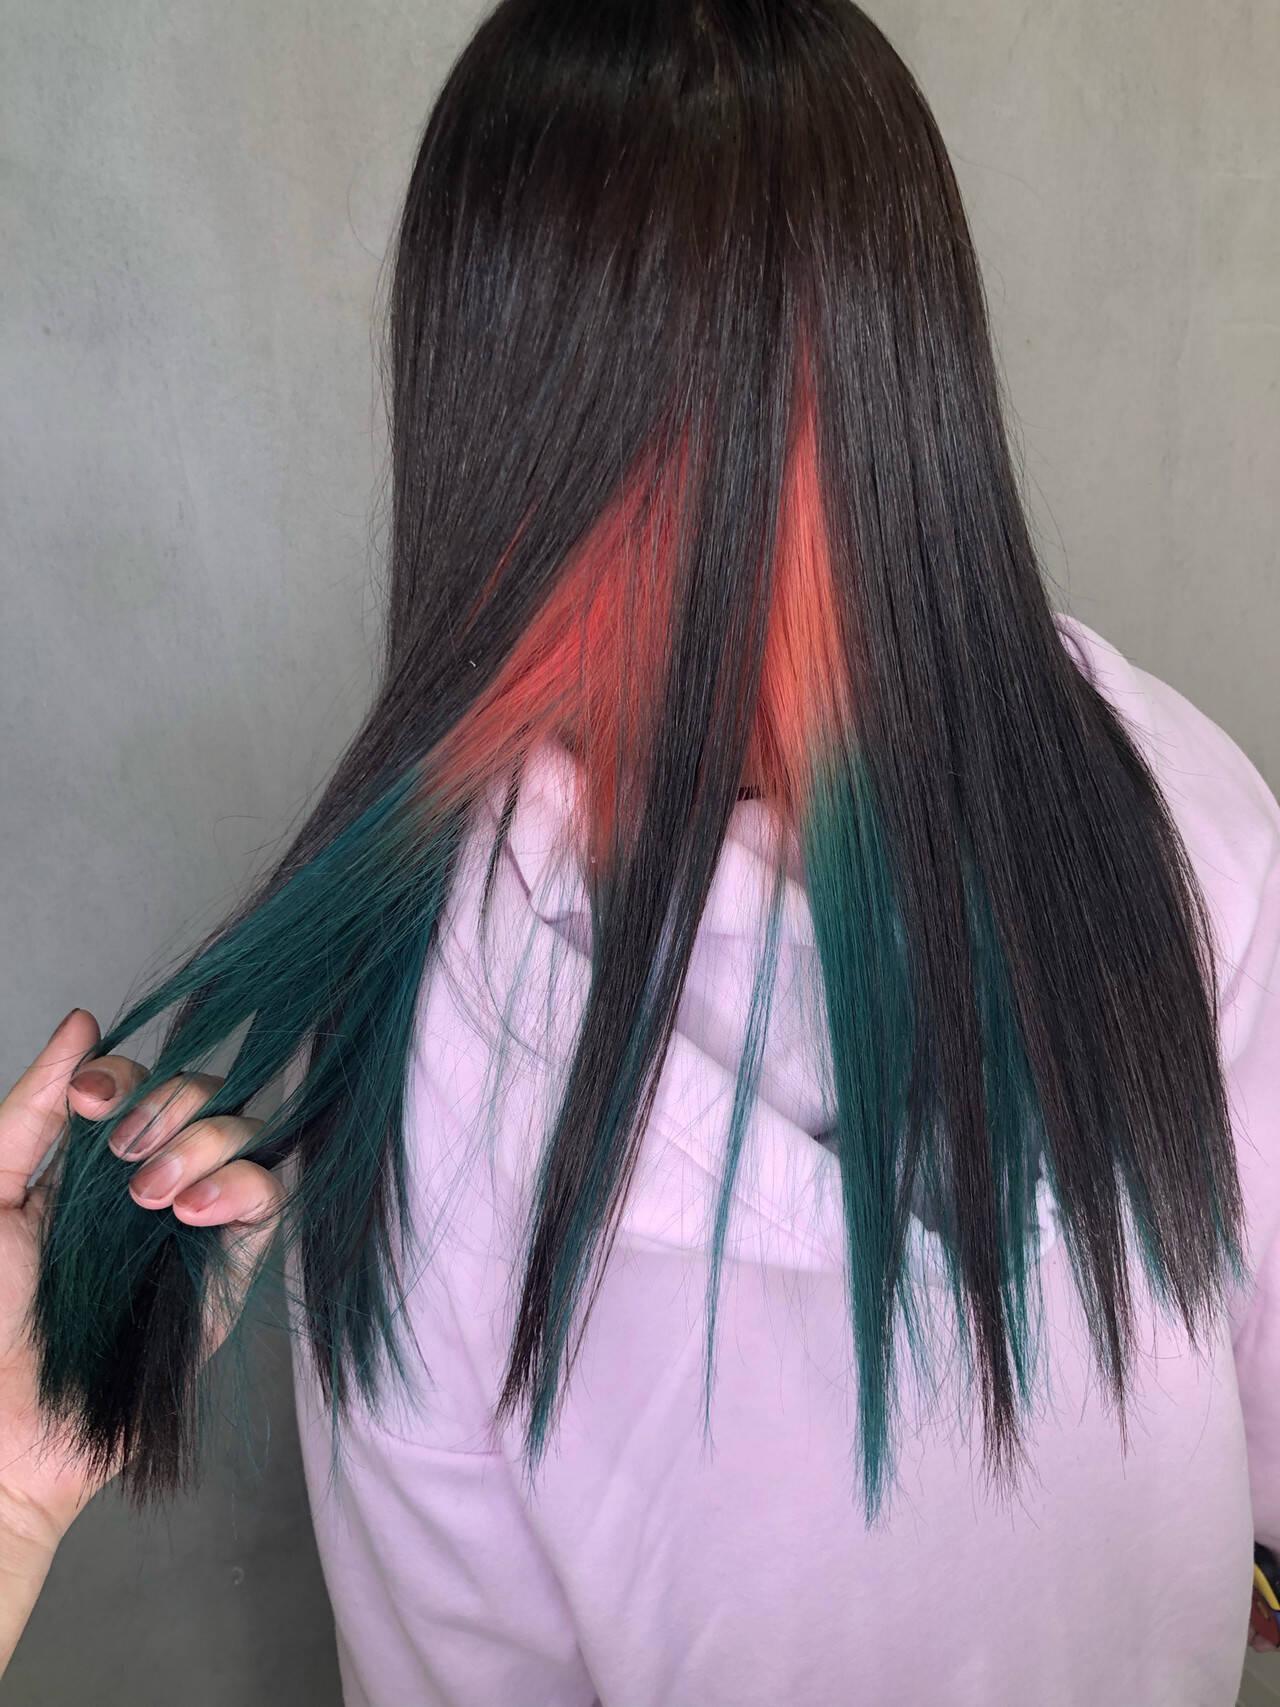 派手髪 裾カラー ストリート グラデーションカラーヘアスタイルや髪型の写真・画像